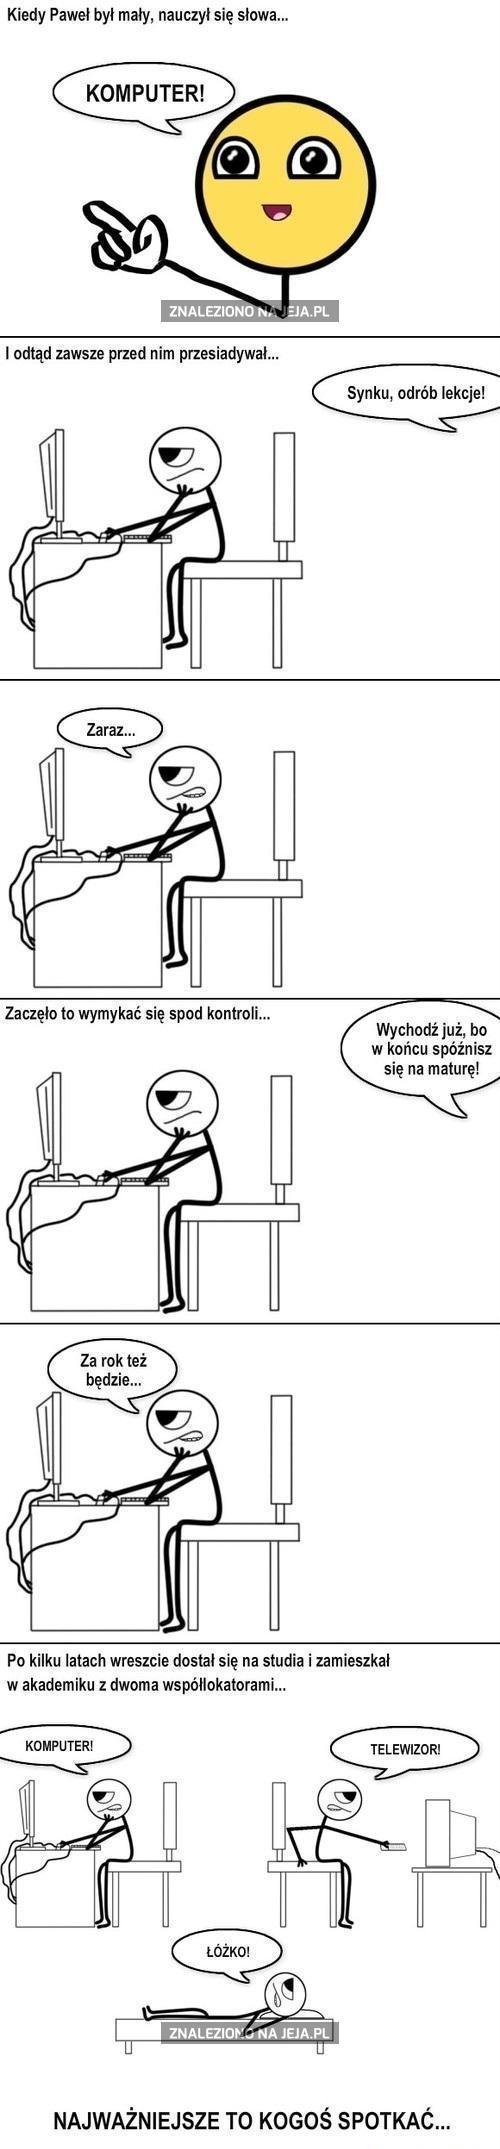 Życie komputerowego nałogowca